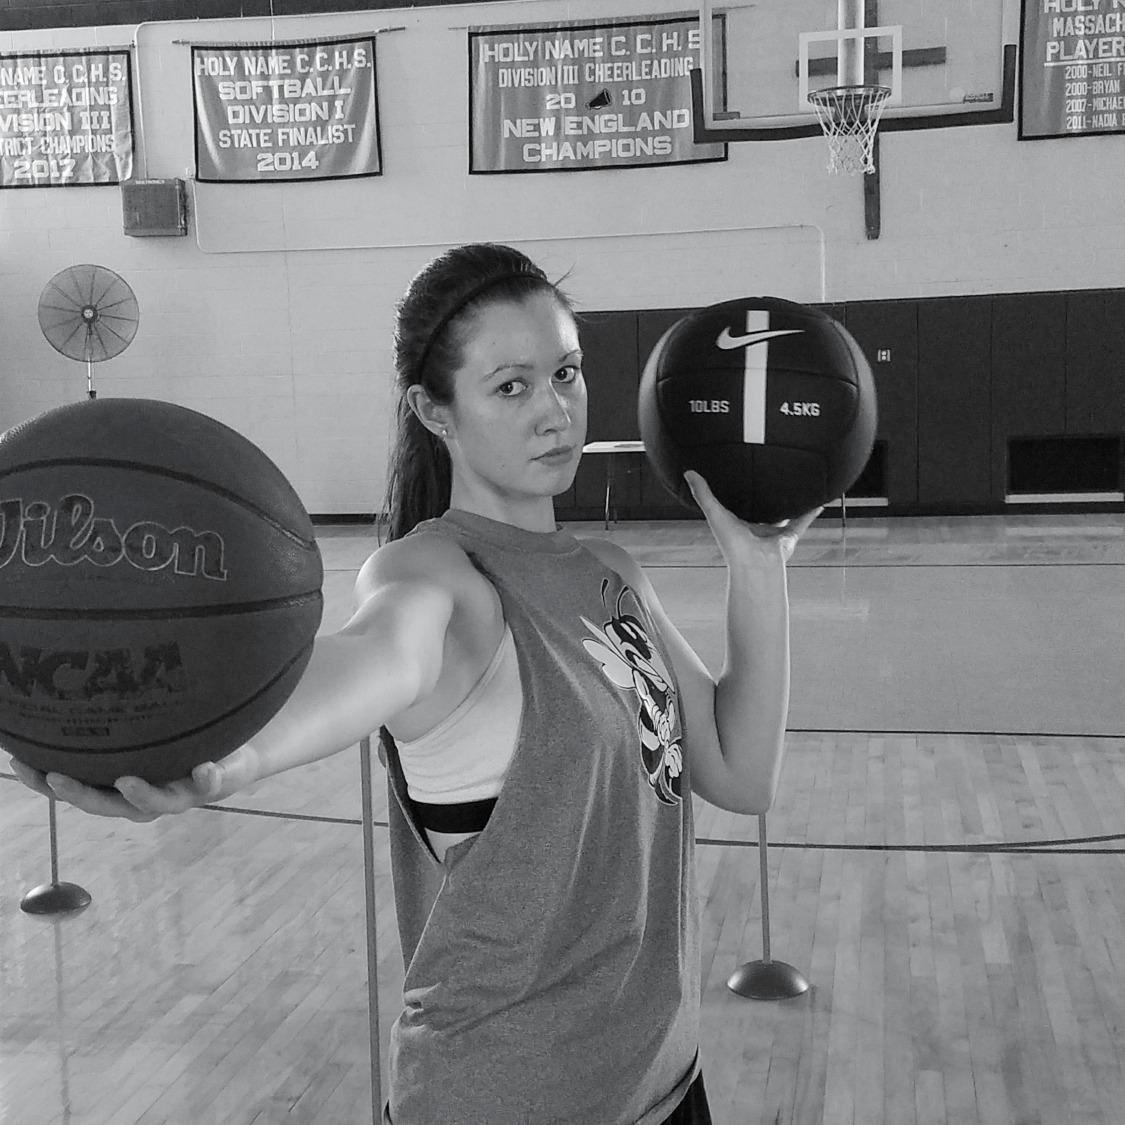 sam_basketball_edited_edited